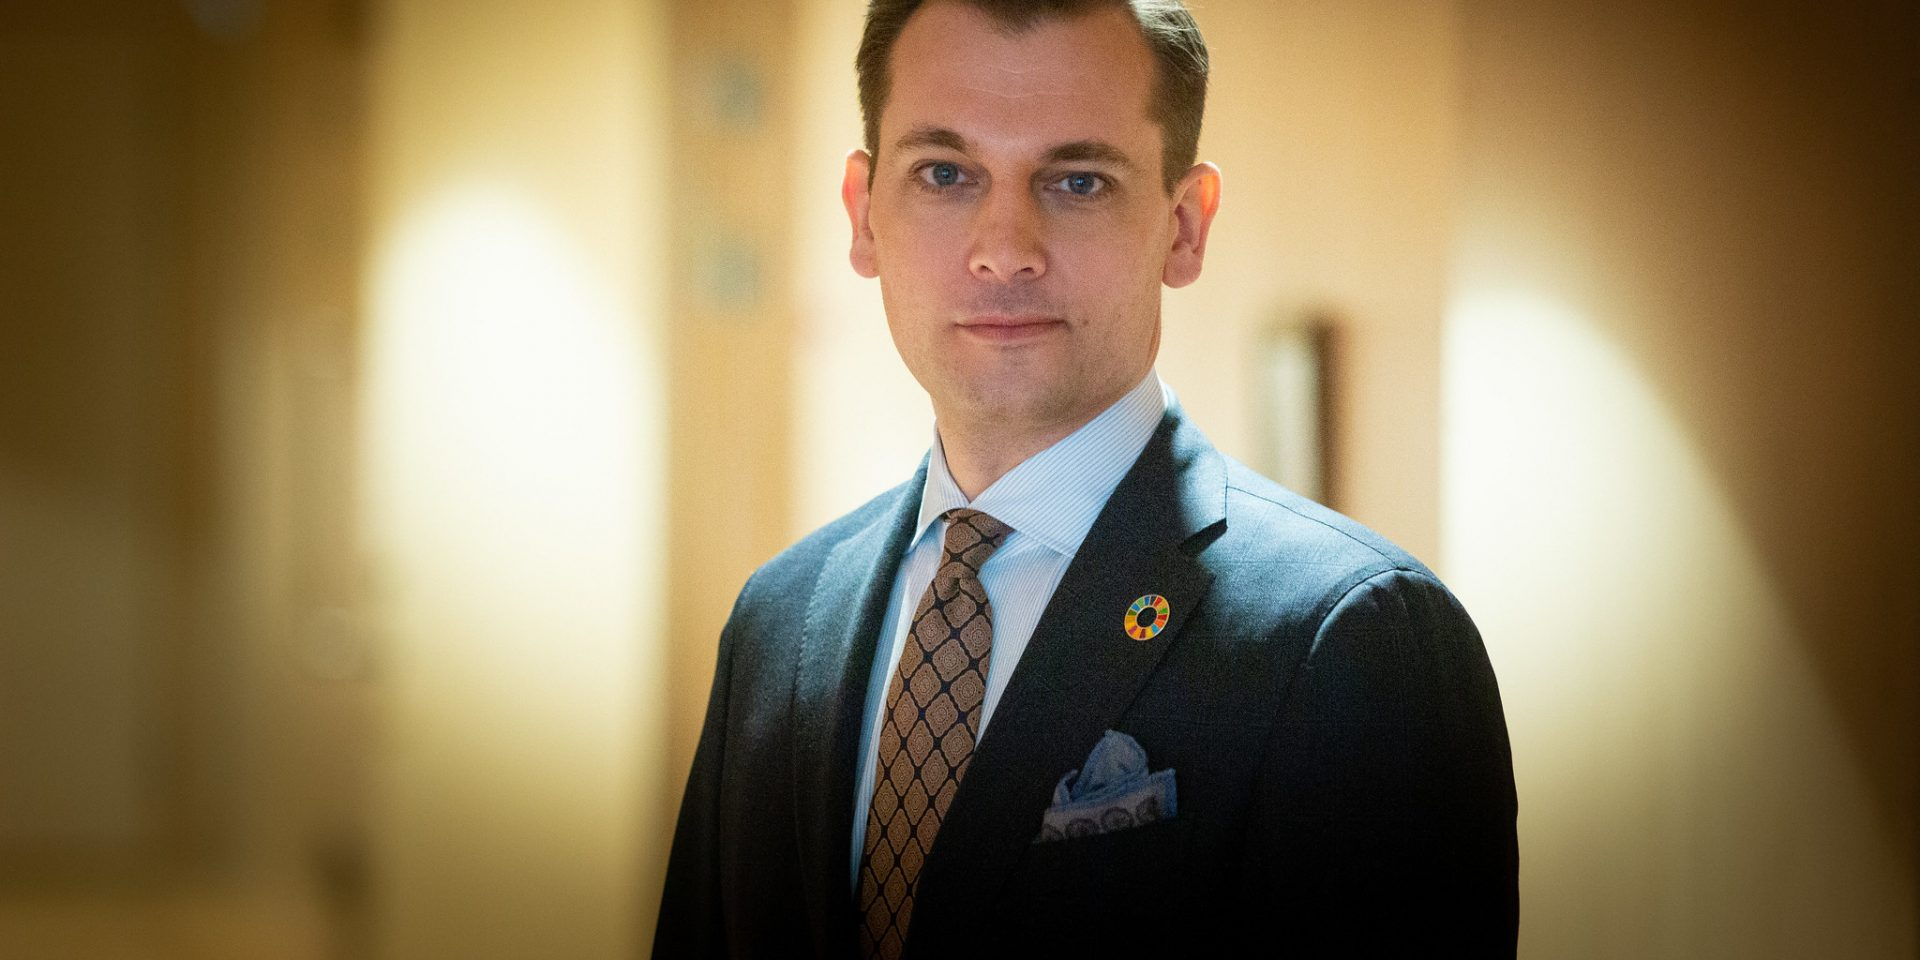 Sveriges nya minister för internationellt utvecklingssamarbete, Per Olsson Fridh, har fler år som statssekreterare bakom sig. I OmVärlden podd pratar han om vad han vill som minister.